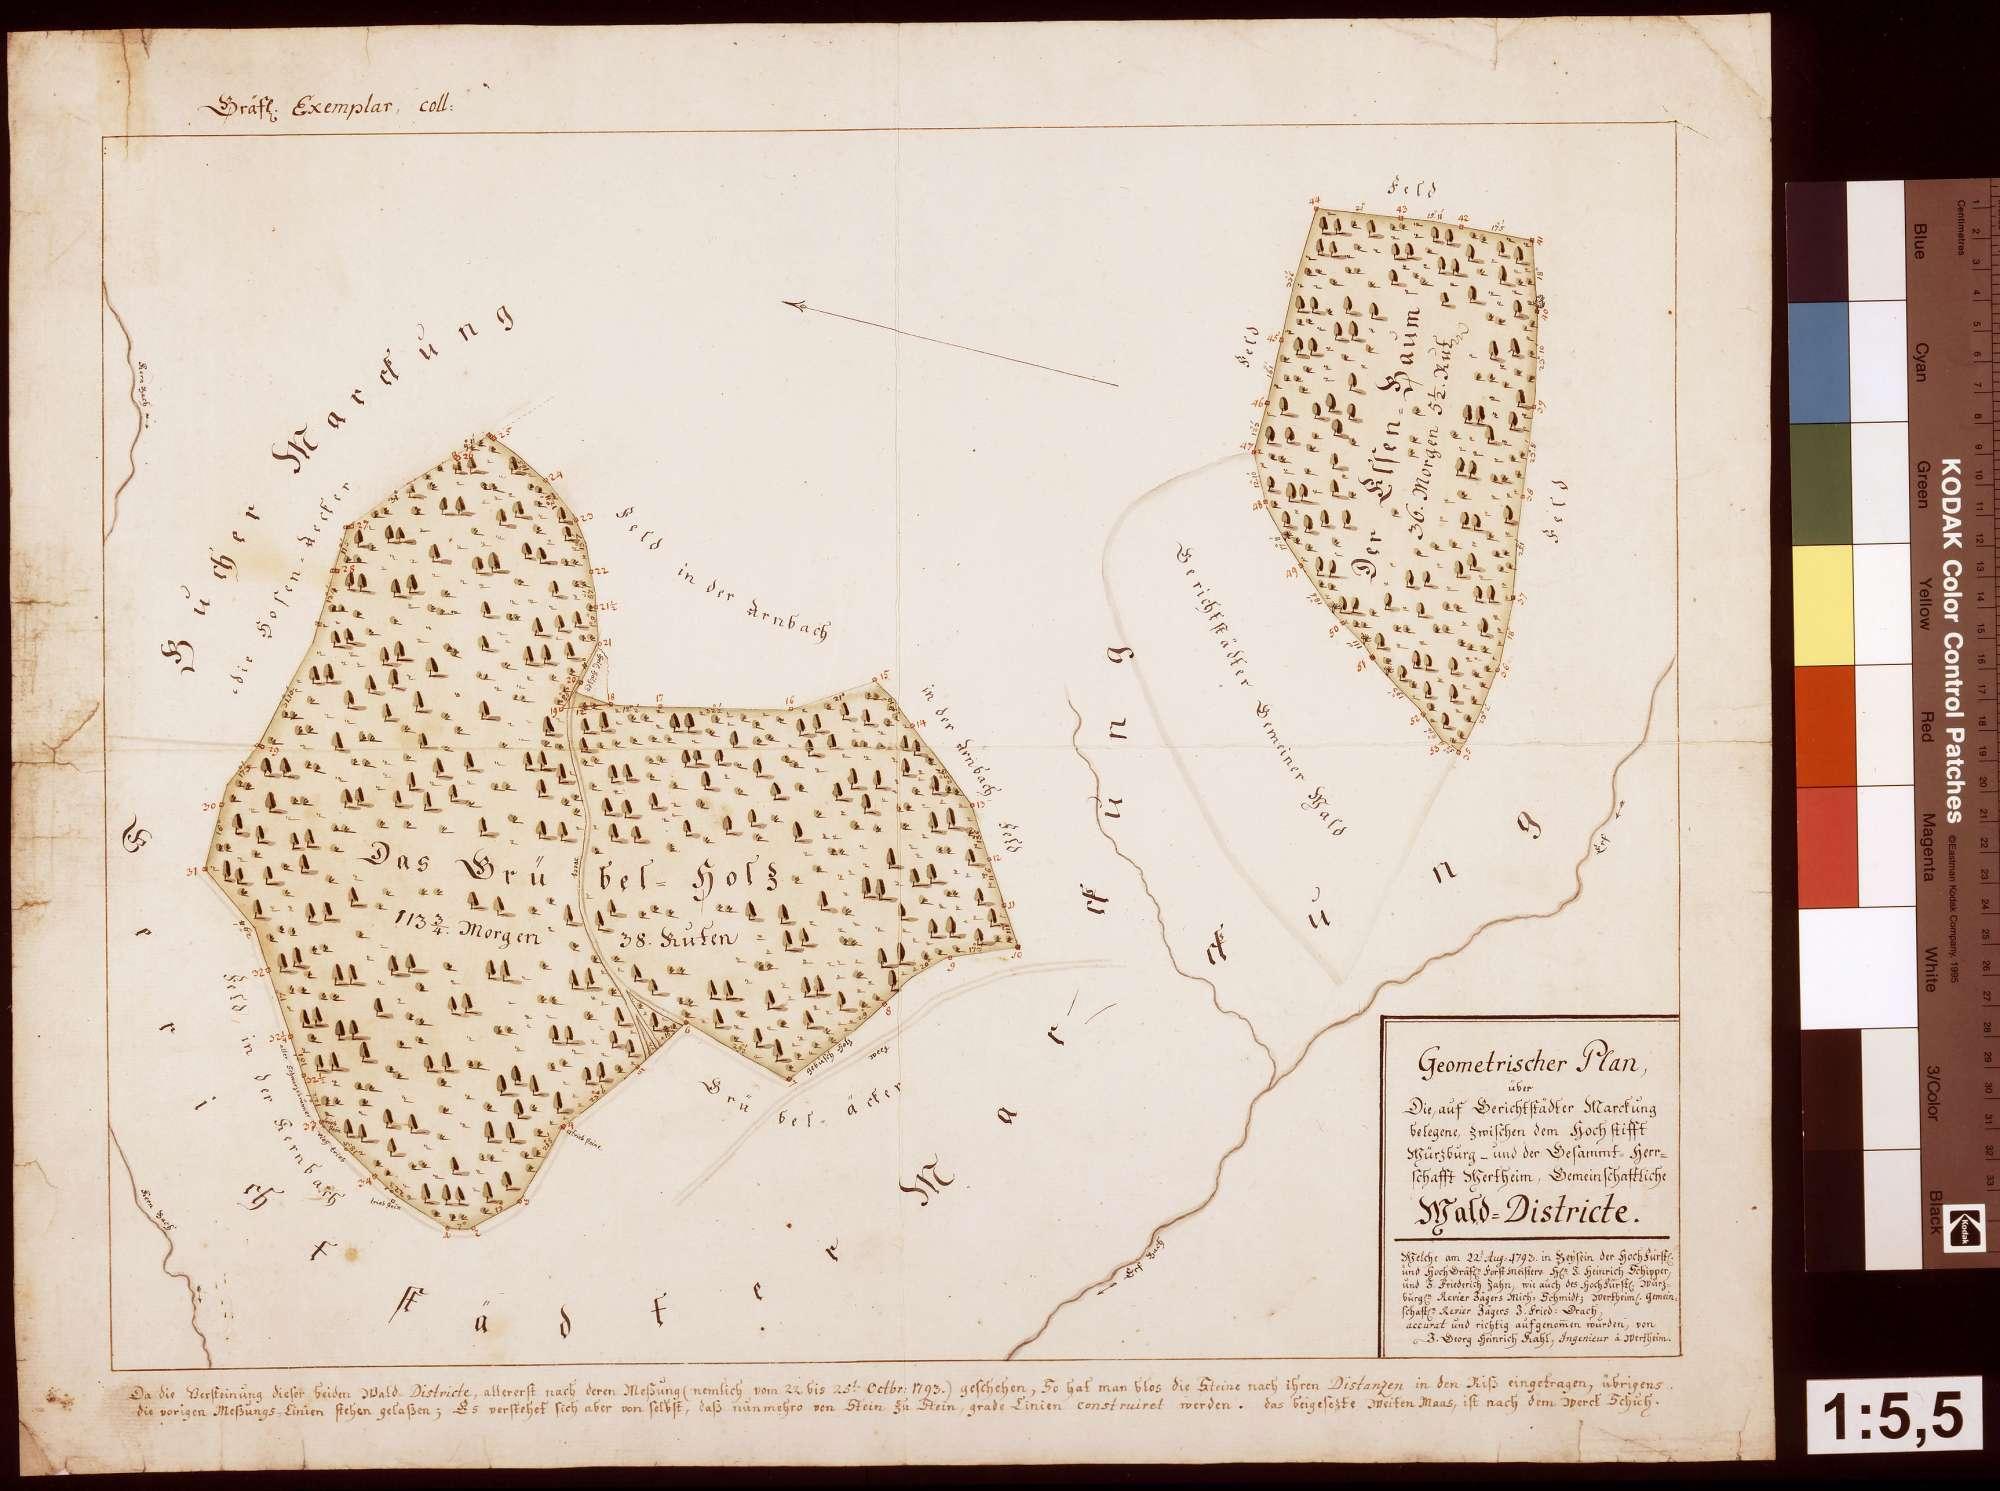 Geometrischer Plan der gemeinschaftlichen würzburgisch-wertheimischen Walddistrikte auf Gerichtstetter Gemarkung, Bild 1